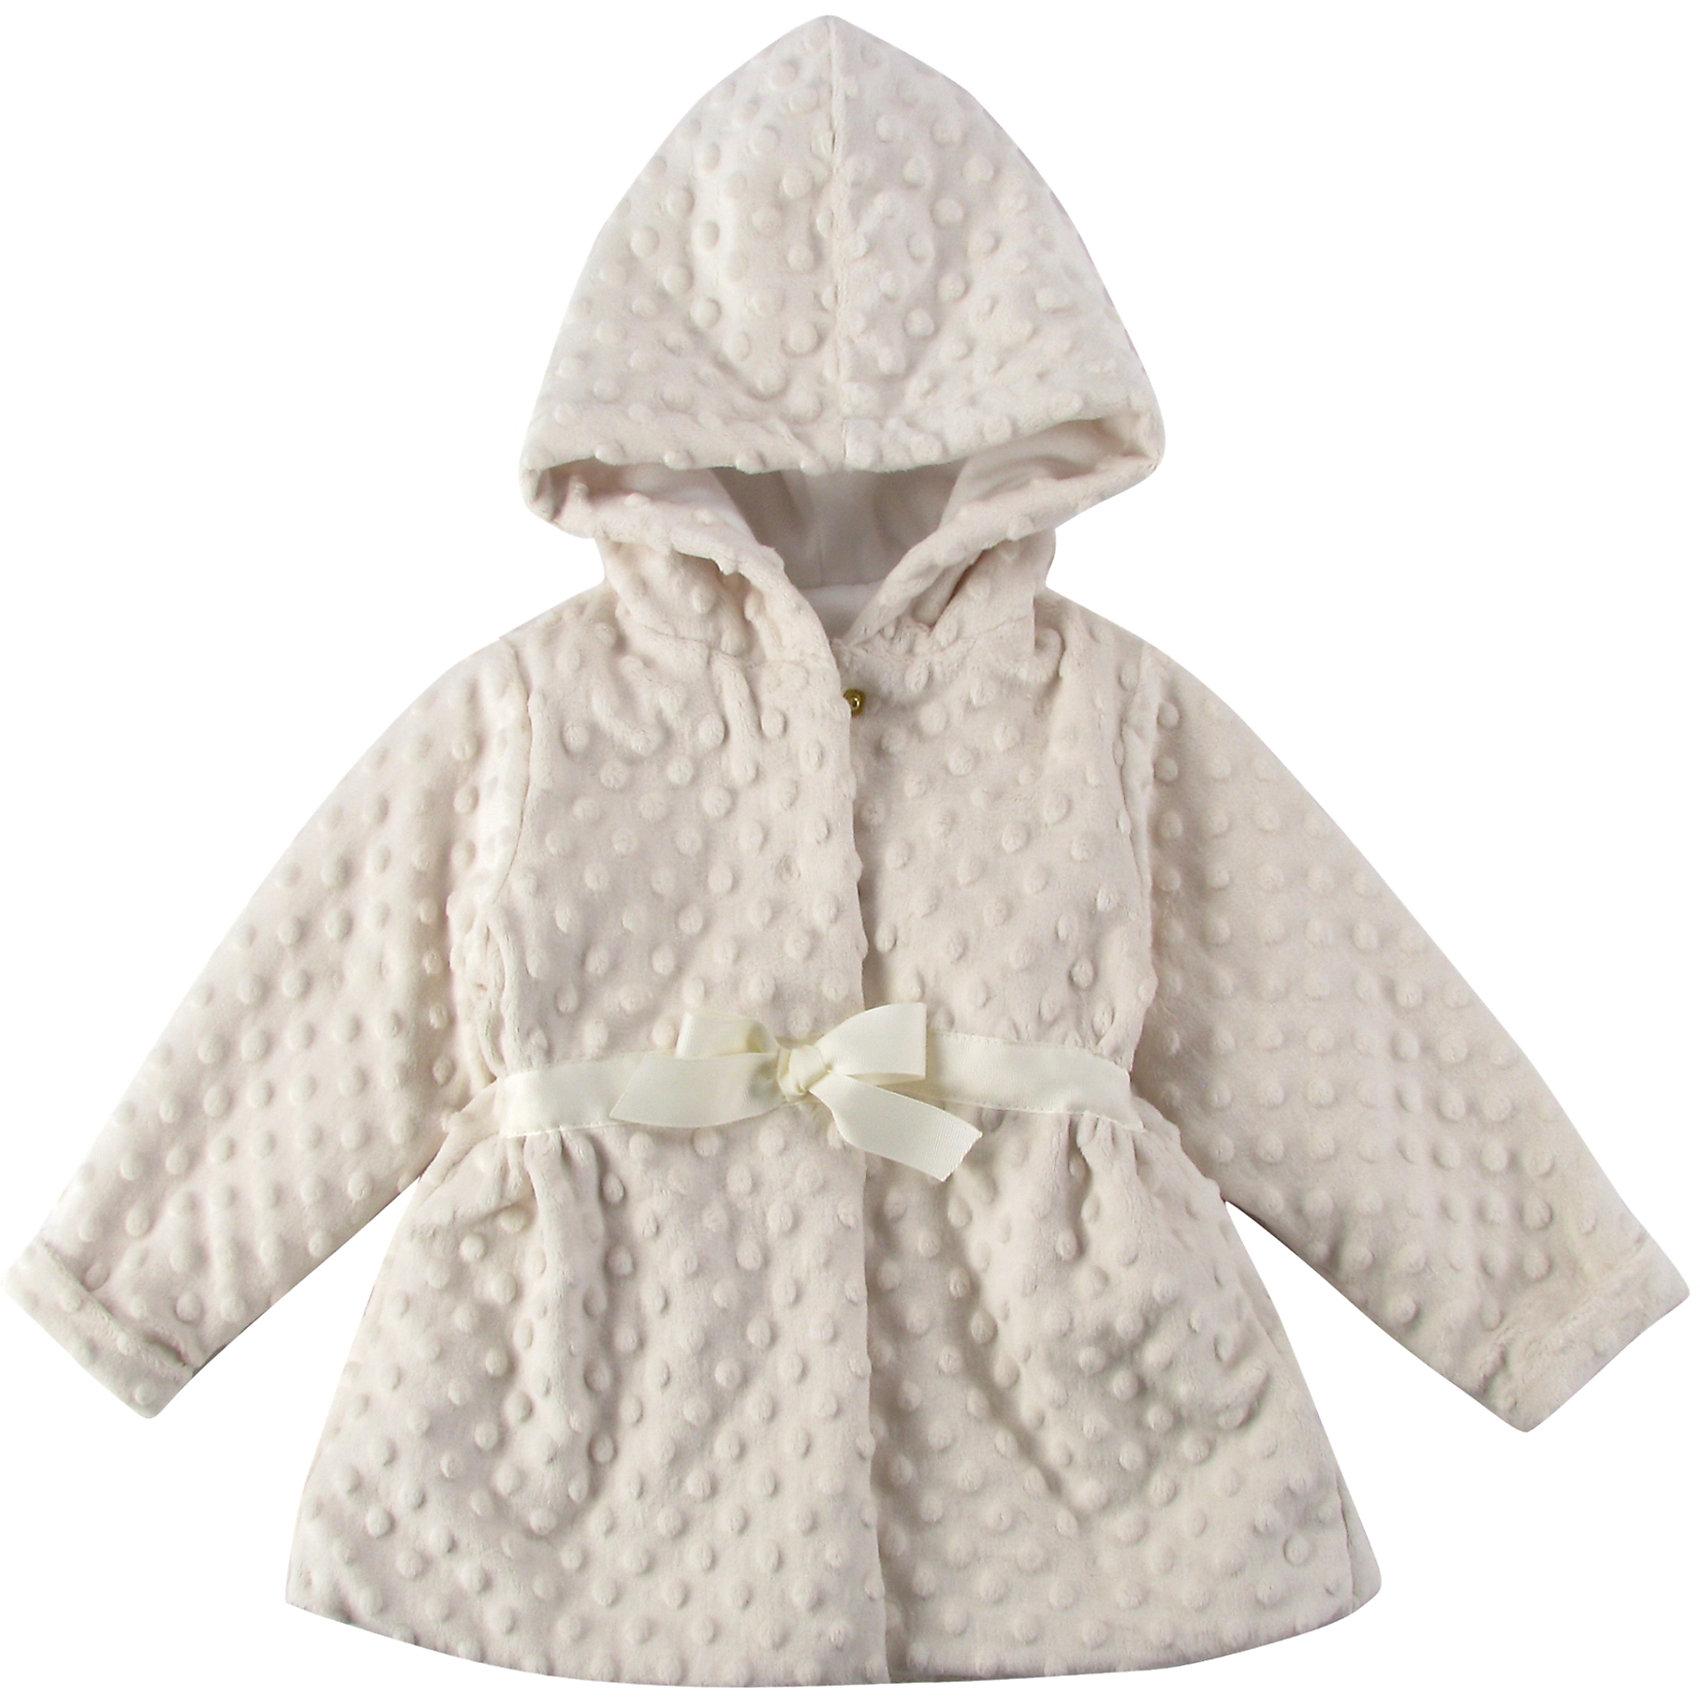 Куртка для девочки WojcikВерхняя одежда<br>Куртка для девочки Wojcik<br>Состав:<br>Хлопок 97% Эластан 3%<br><br>Ширина мм: 190<br>Глубина мм: 74<br>Высота мм: 229<br>Вес г: 236<br>Цвет: бежевый<br>Возраст от месяцев: 24<br>Возраст до месяцев: 36<br>Пол: Женский<br>Возраст: Детский<br>Размер: 98,68,74,80,86,92<br>SKU: 5589972